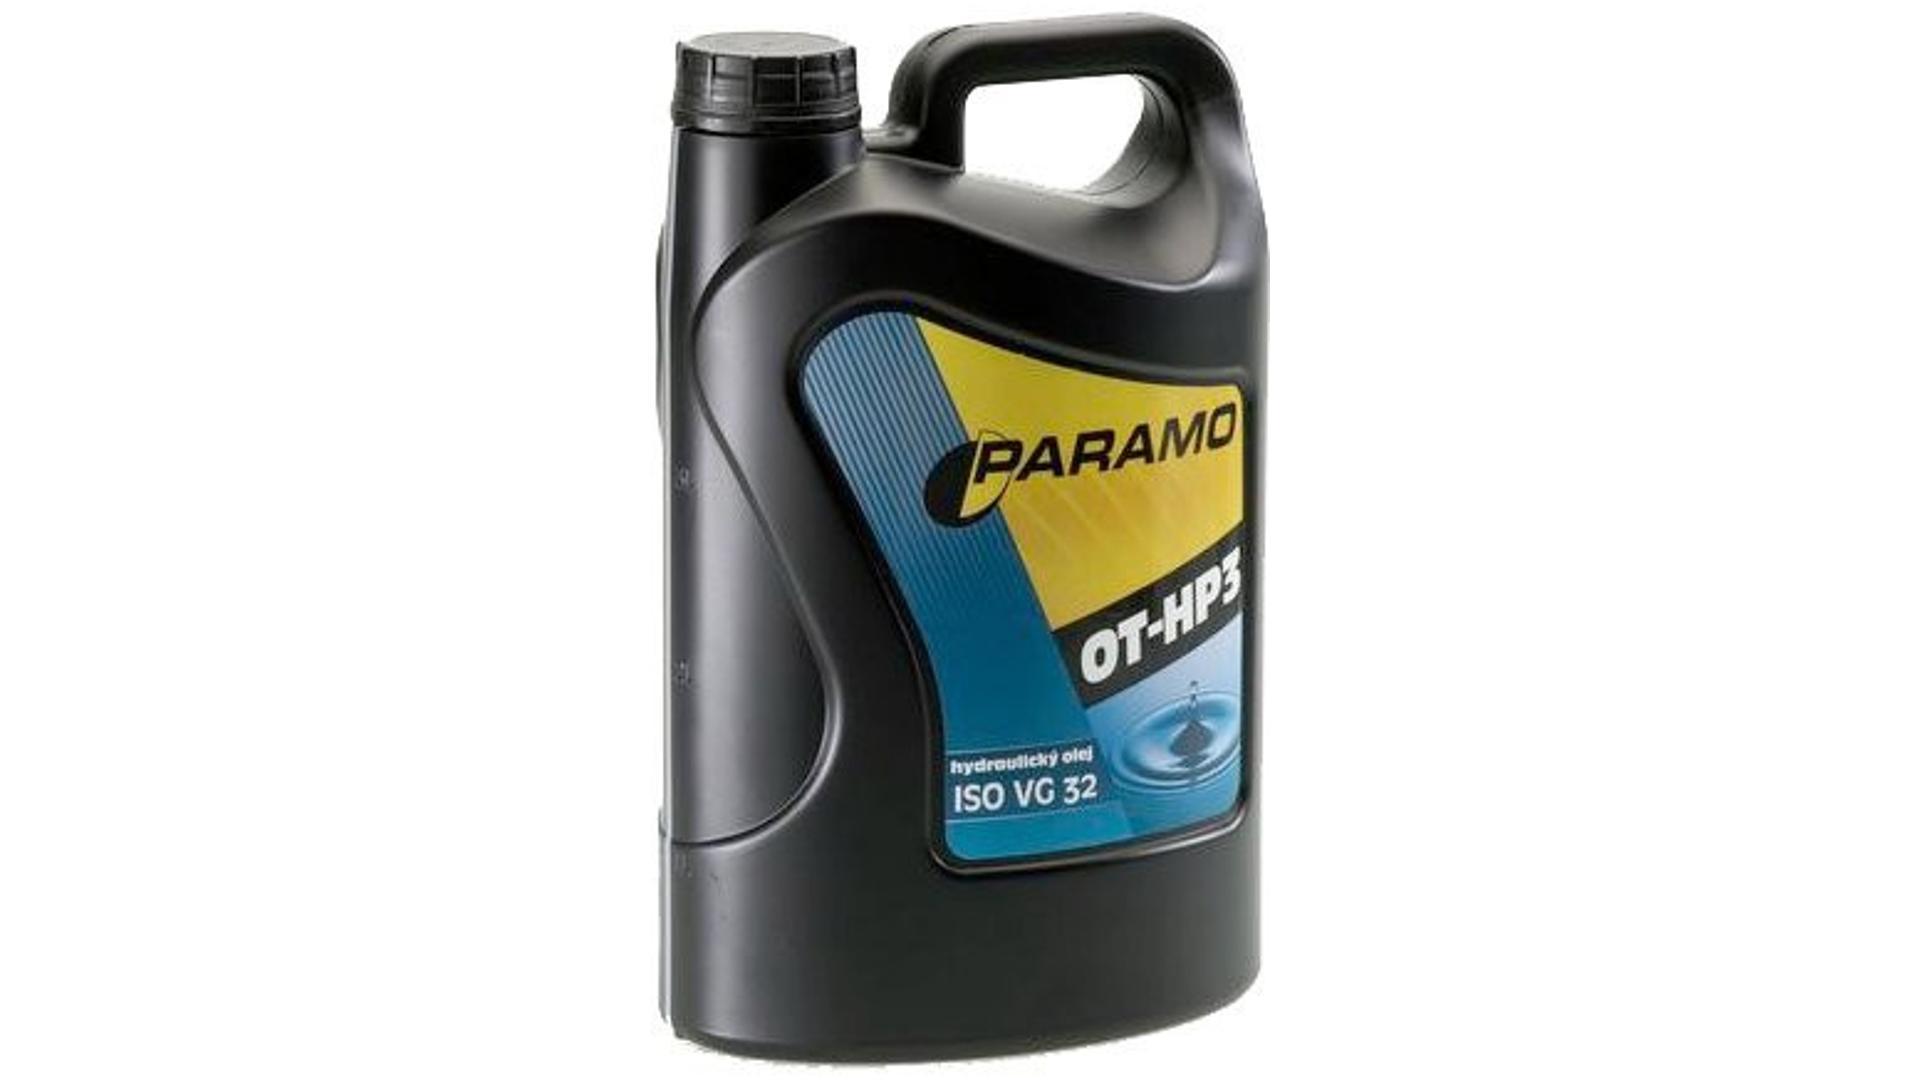 PARAMO OT-HP3 /4